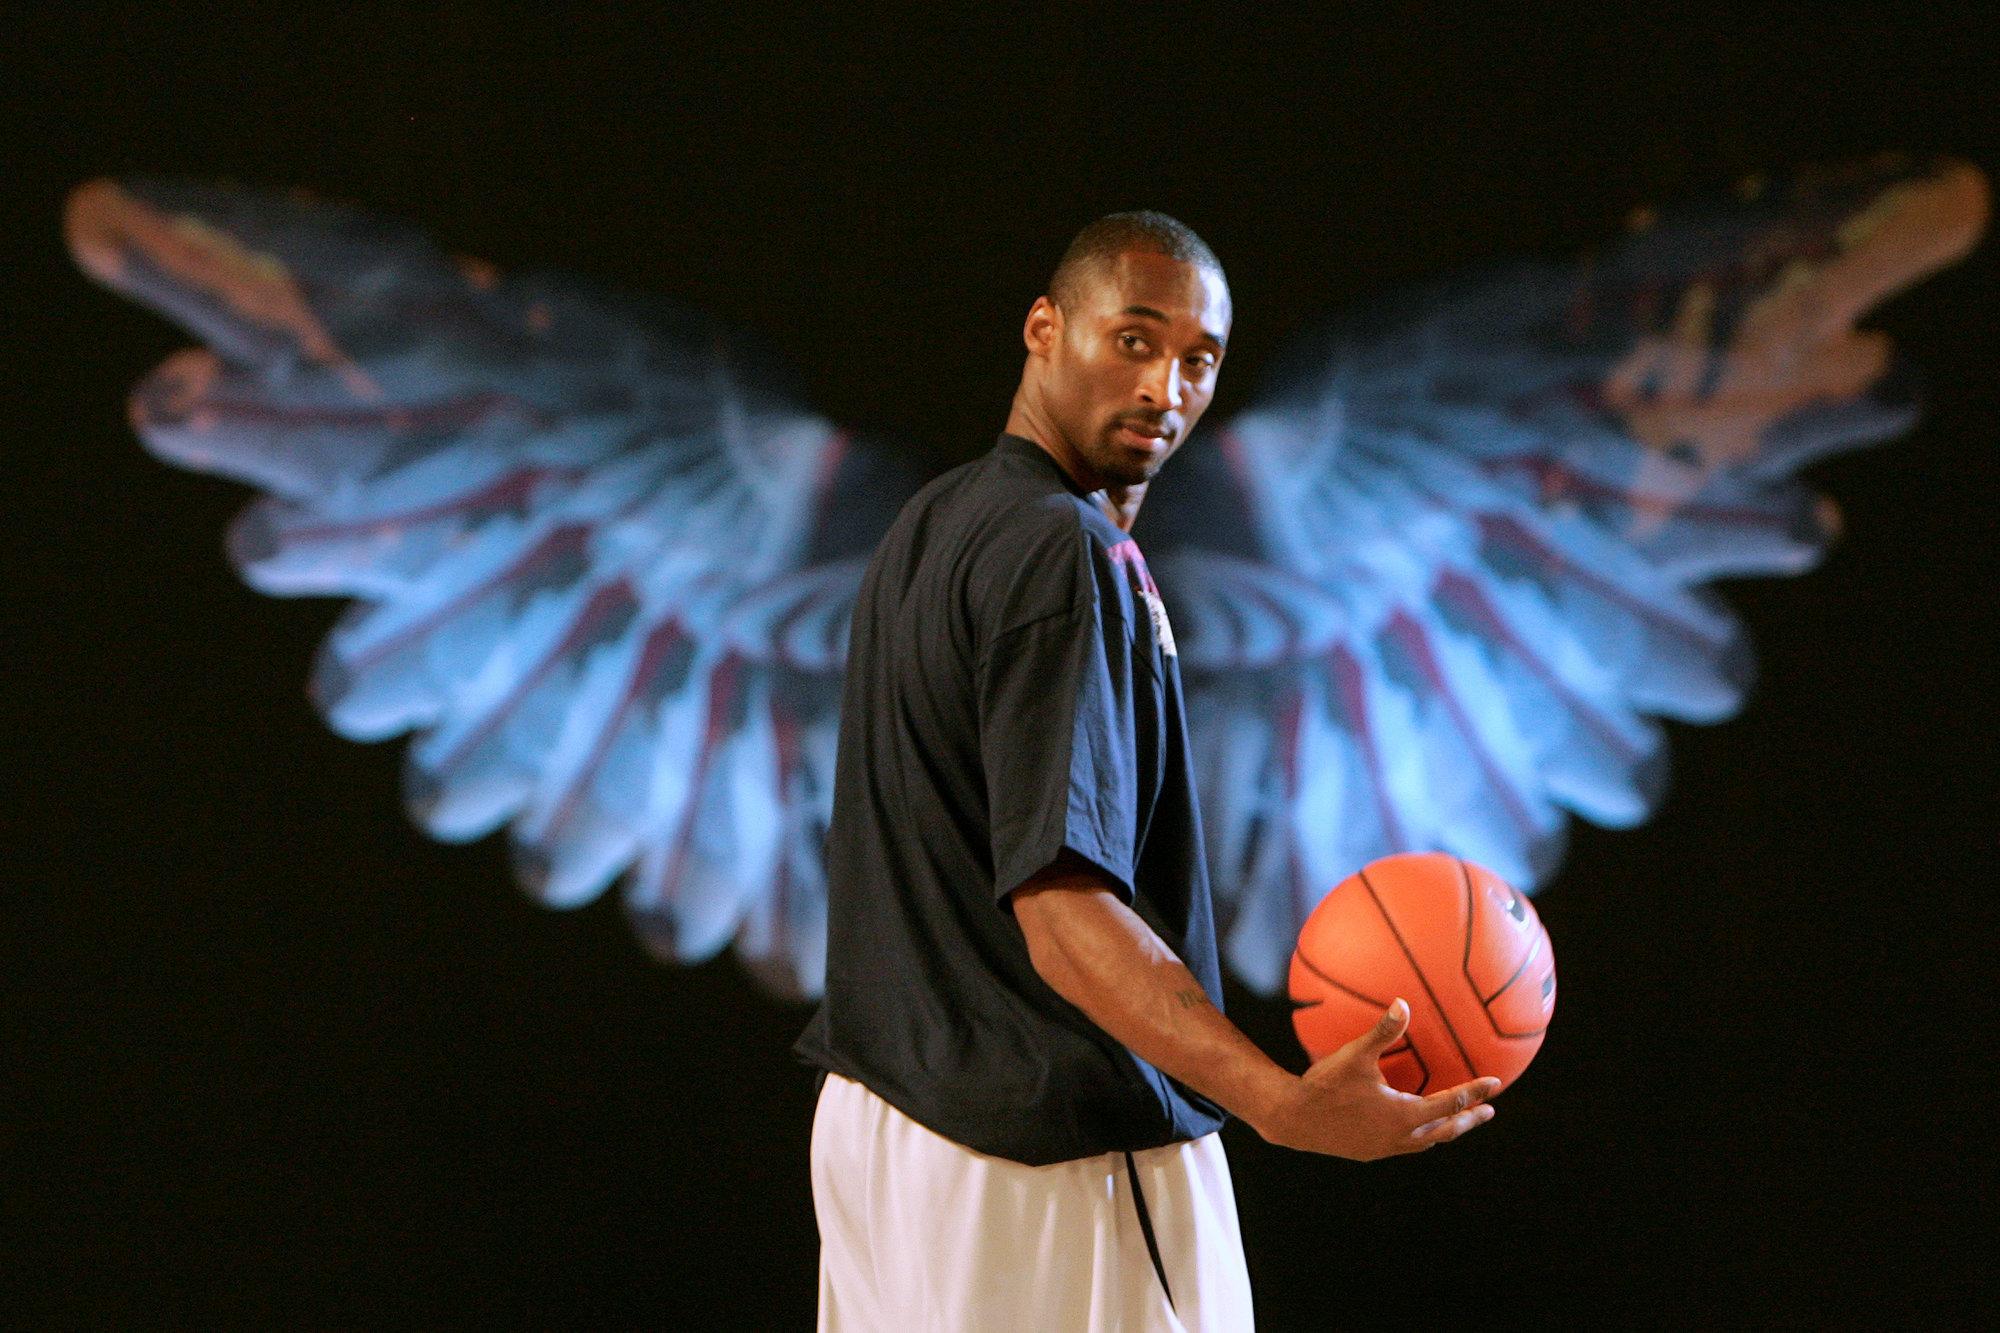 «Черные короли построили эту лигу». Ирвинг призвал поместить силуэт Коби на логотип НБА